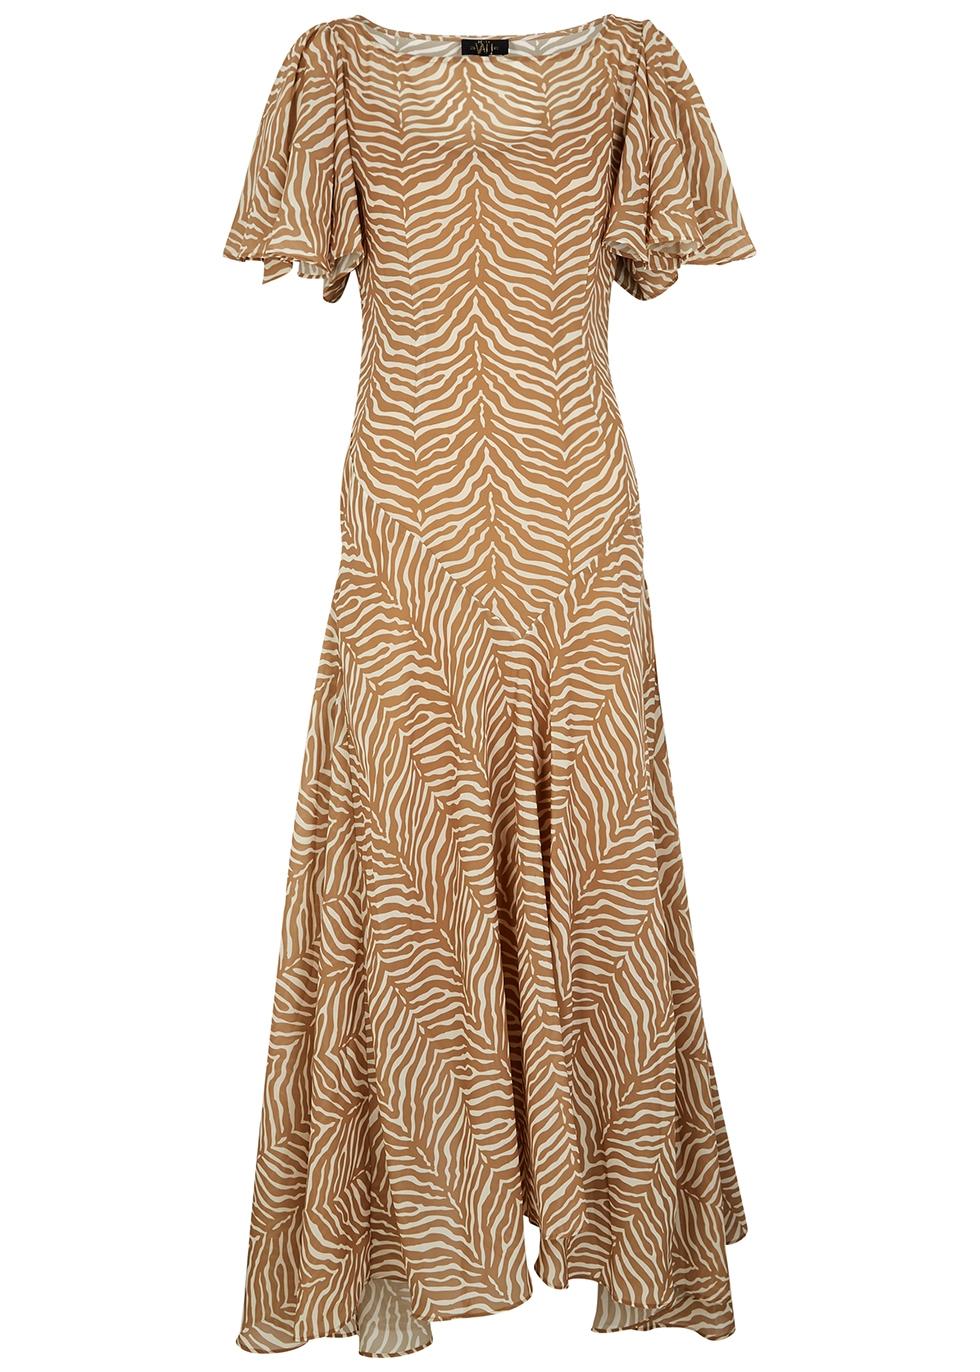 Olivia tiger-print chiffon midi dress